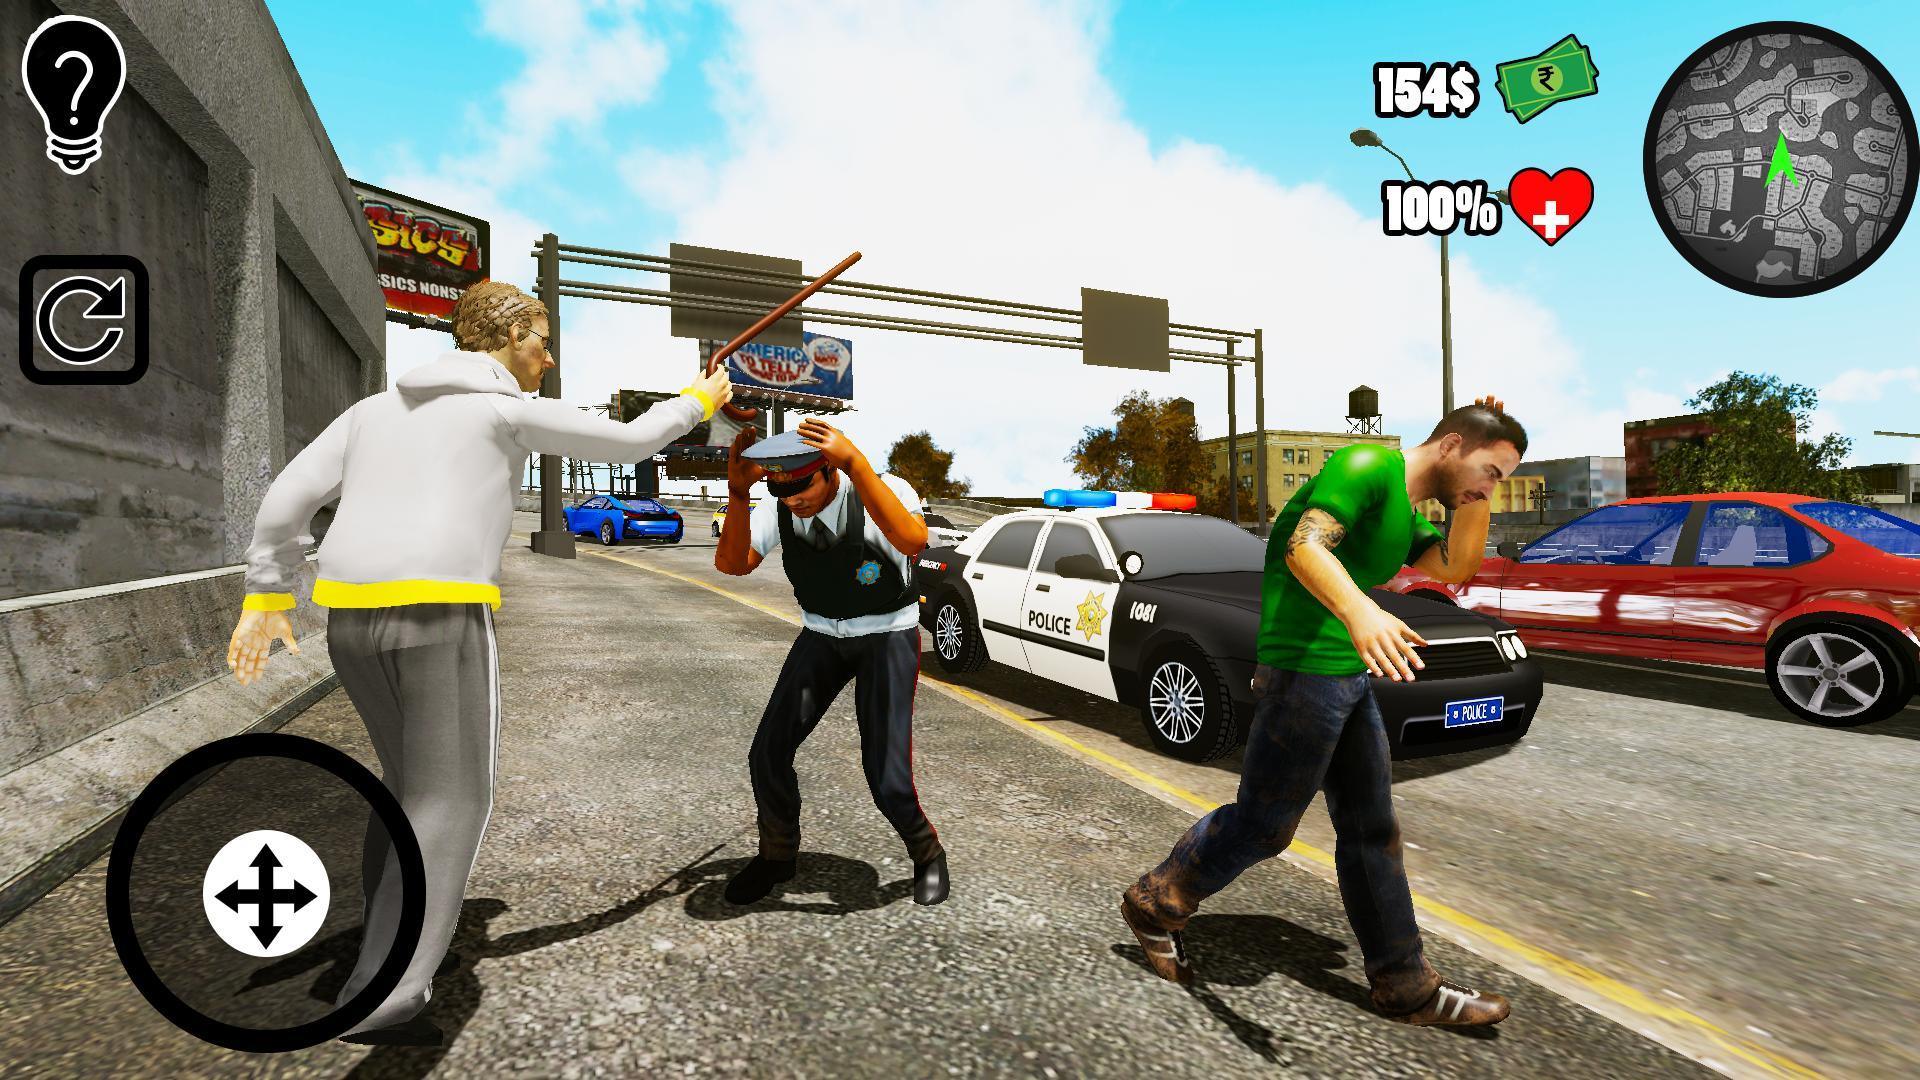 San Andreas Angry Grandpa 1.0 Screenshot 6